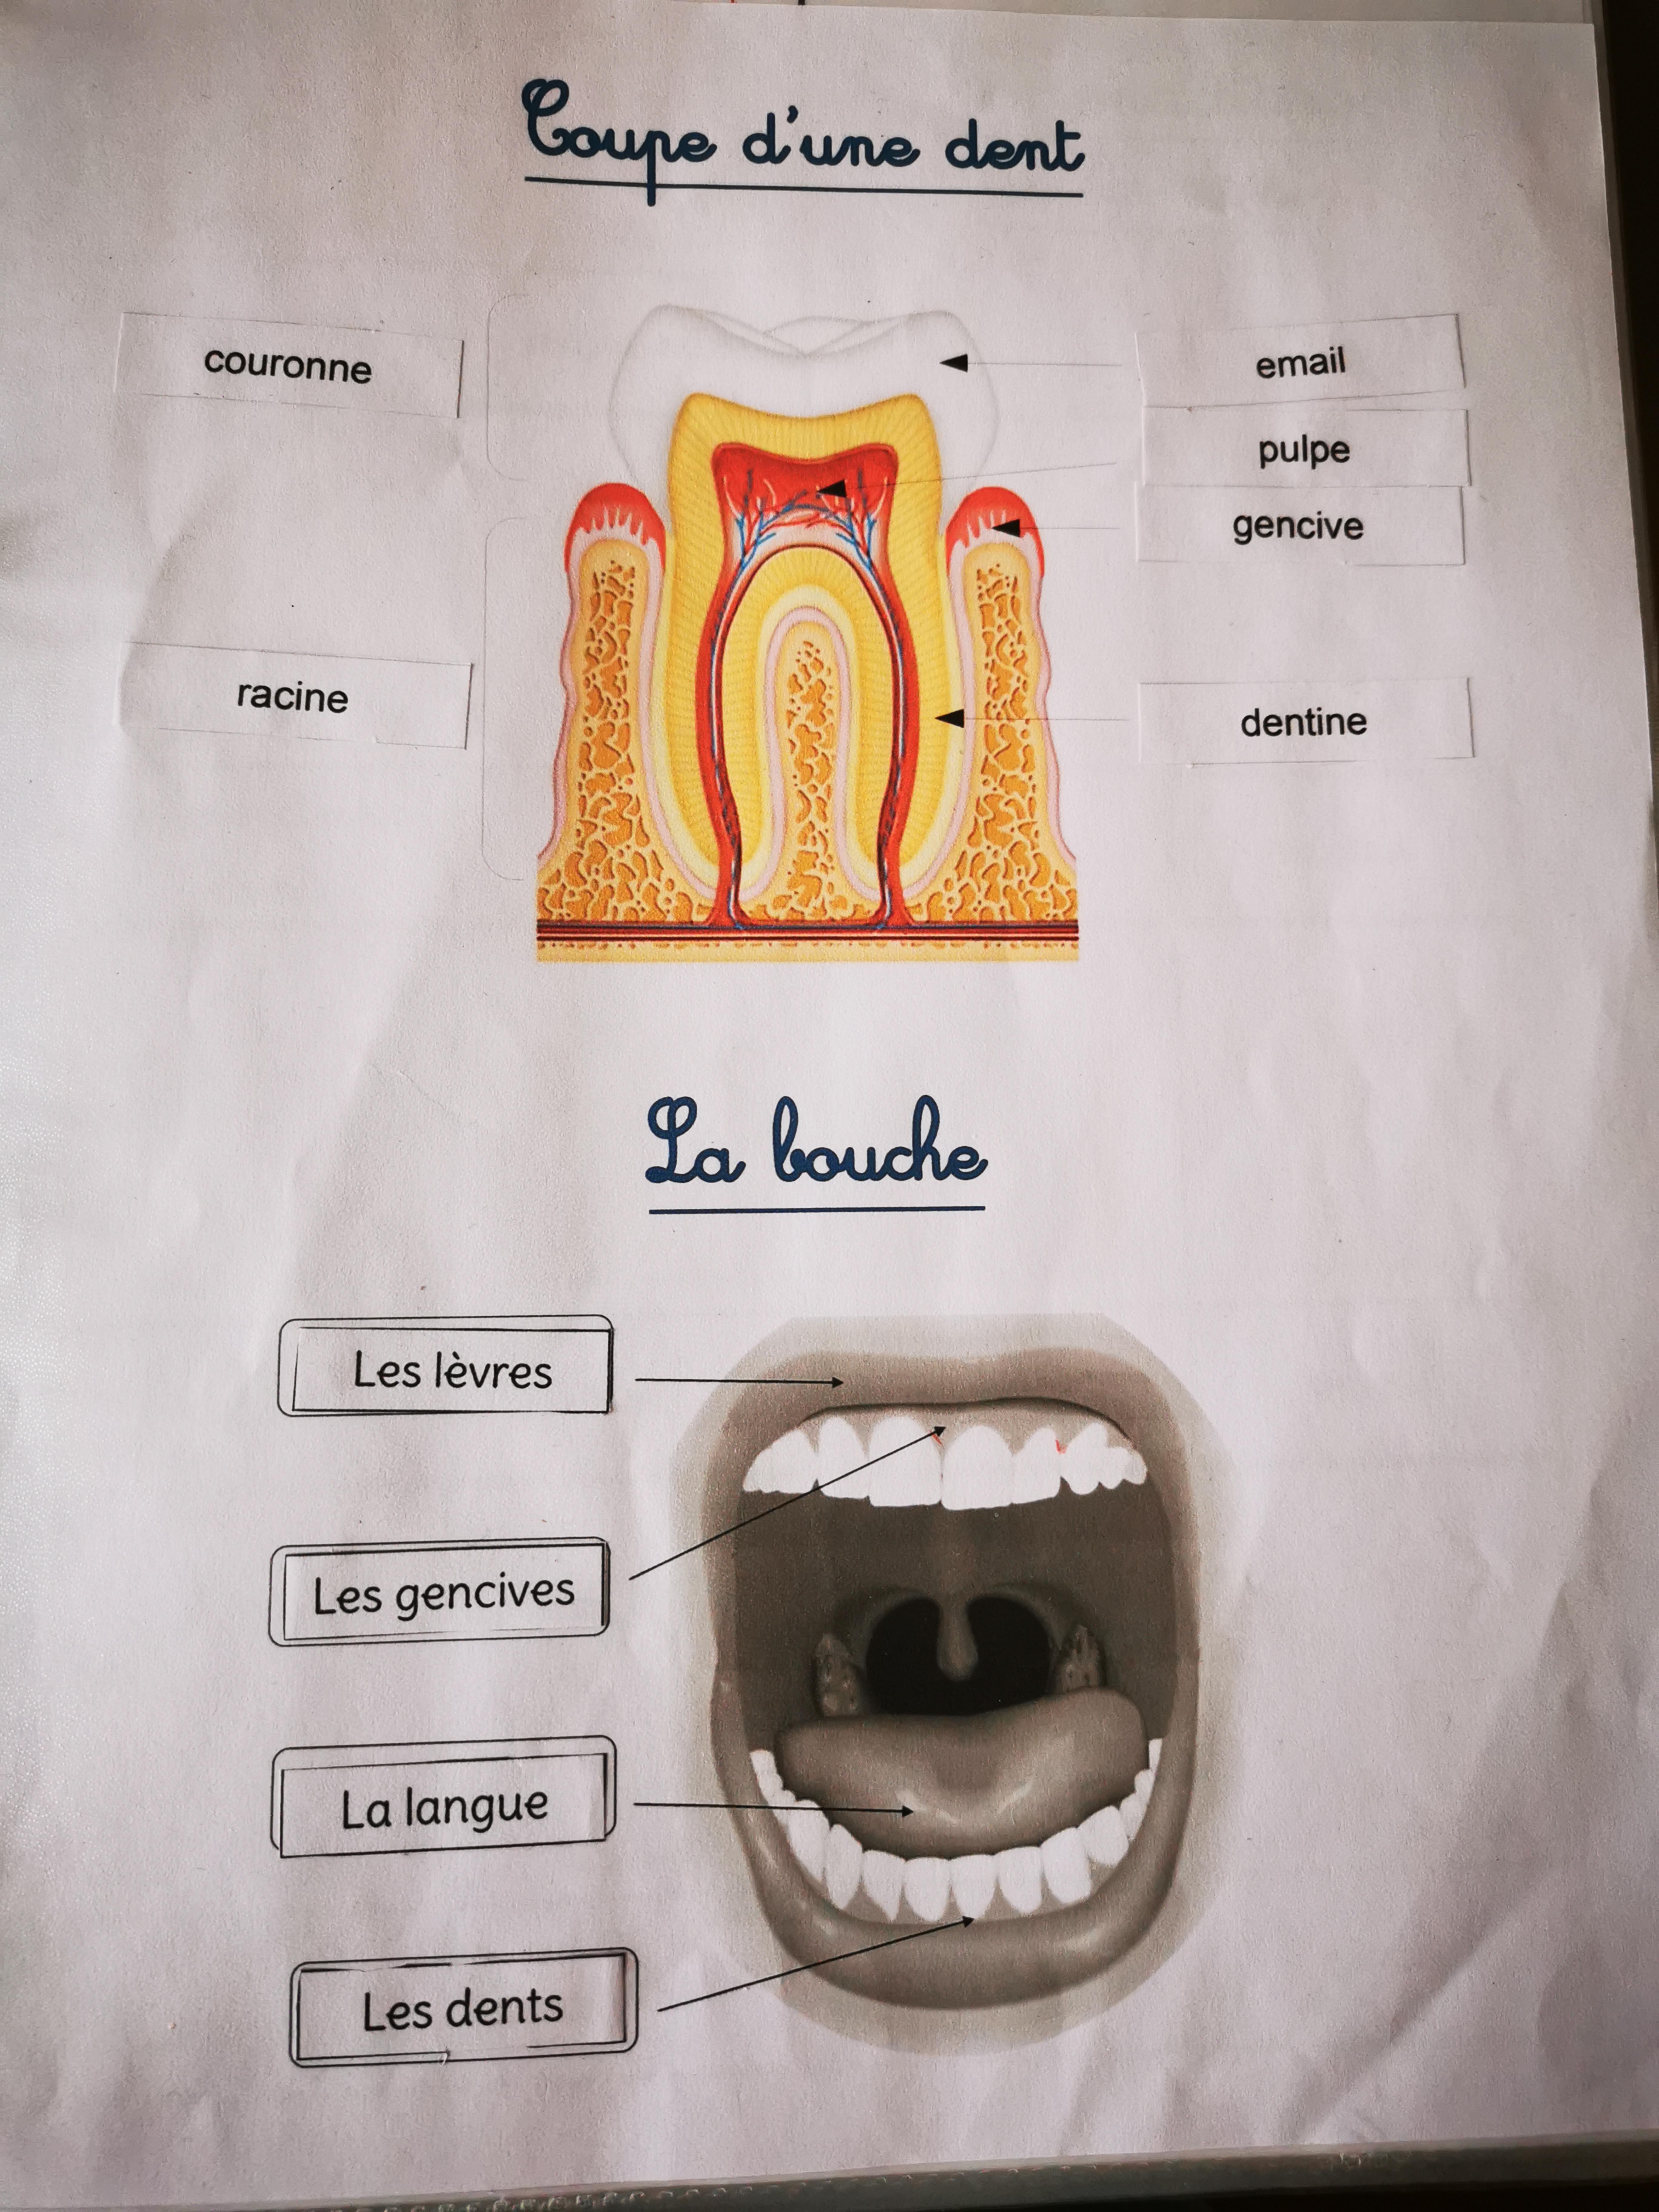 coupe d'une dent - la bouche